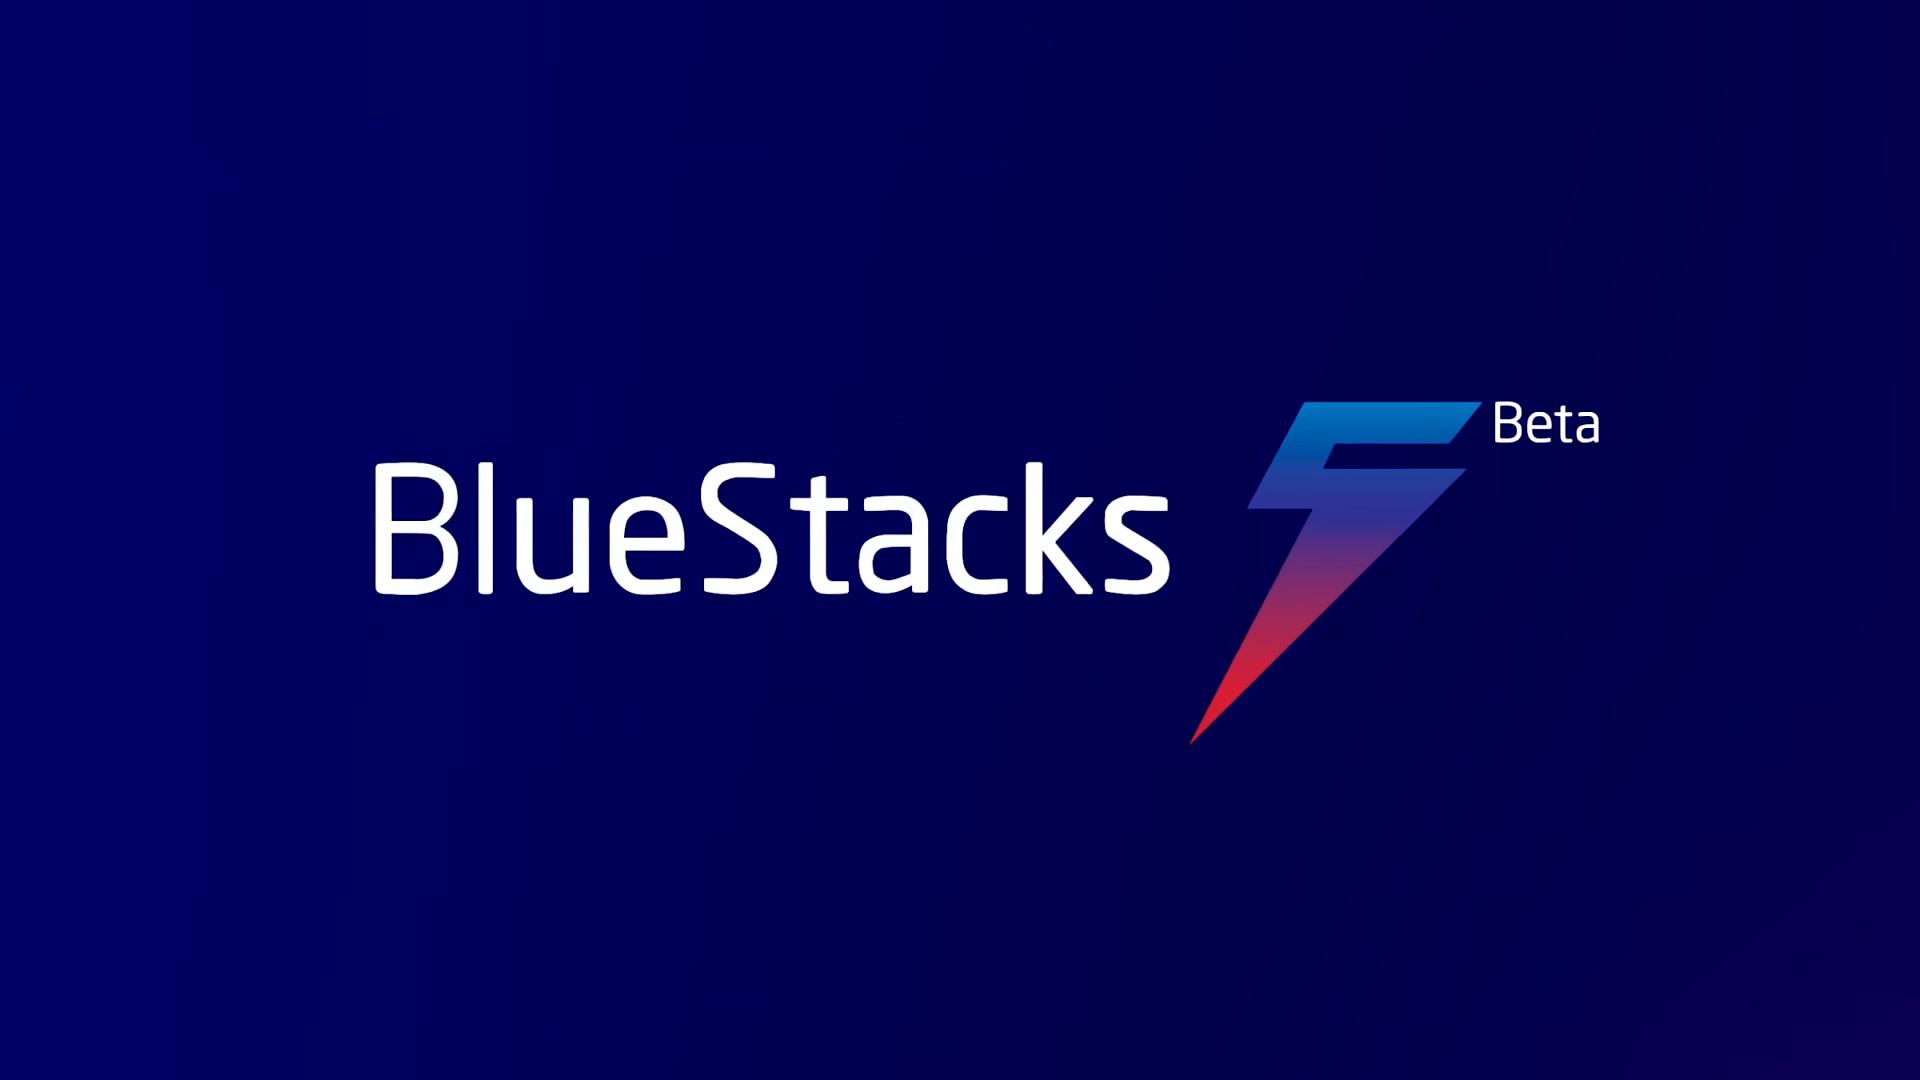 الإصدار العالمي من BlueStacks 5 – سبعة أسباب لماذا يجب أن تجرب النسخة الجديدة.